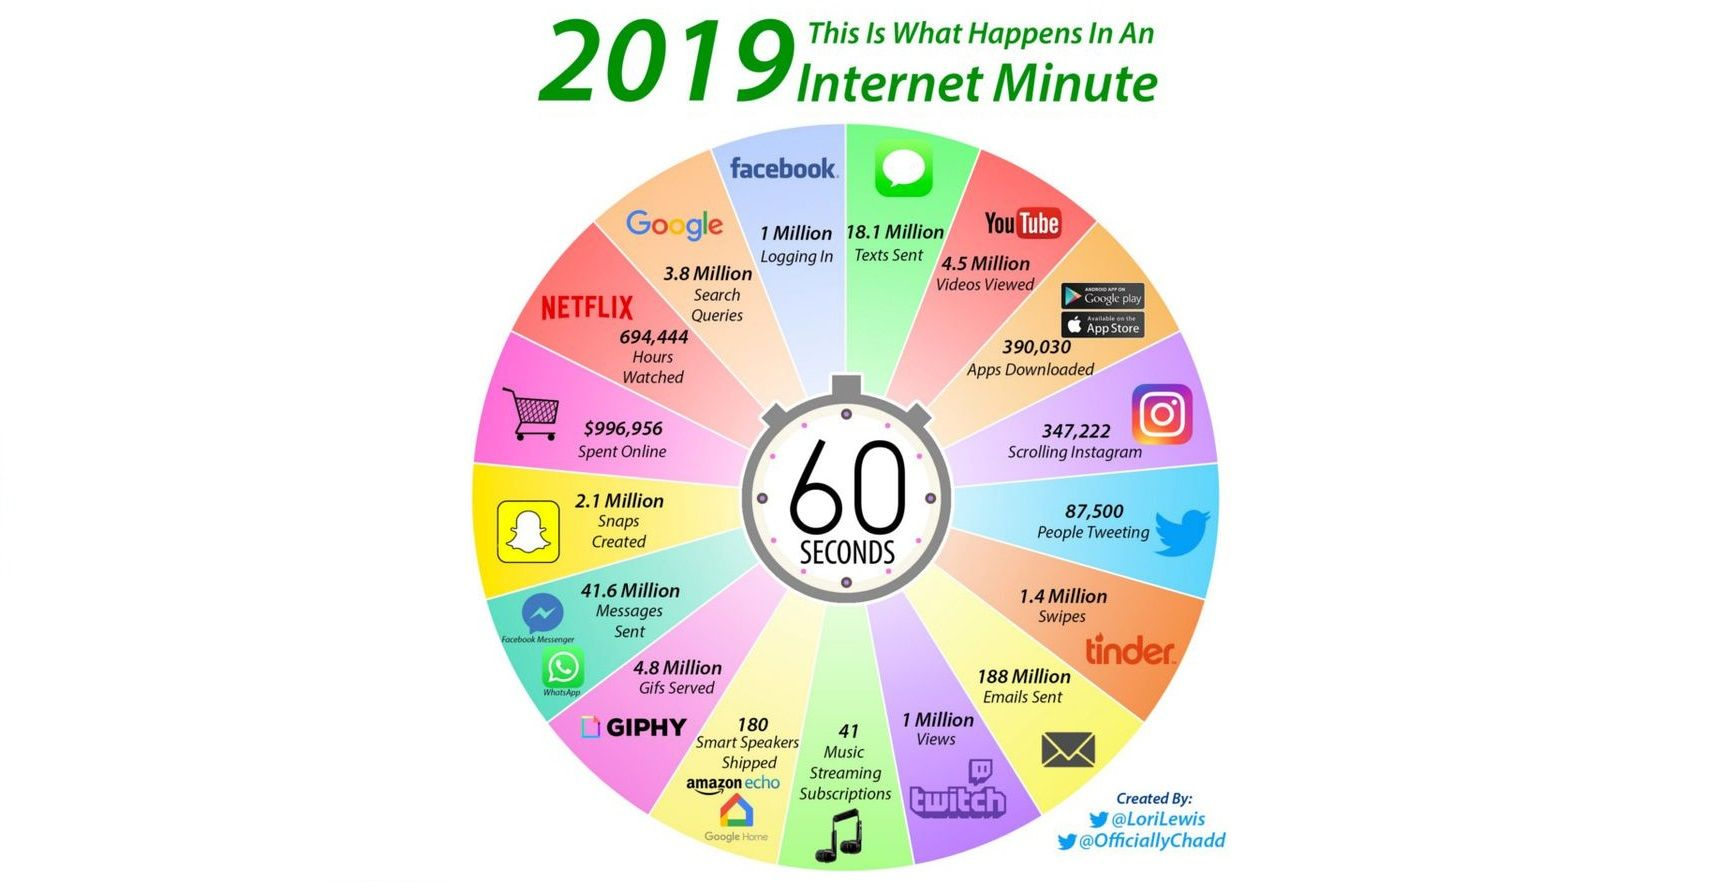 Cosa succede su internet in un minuto